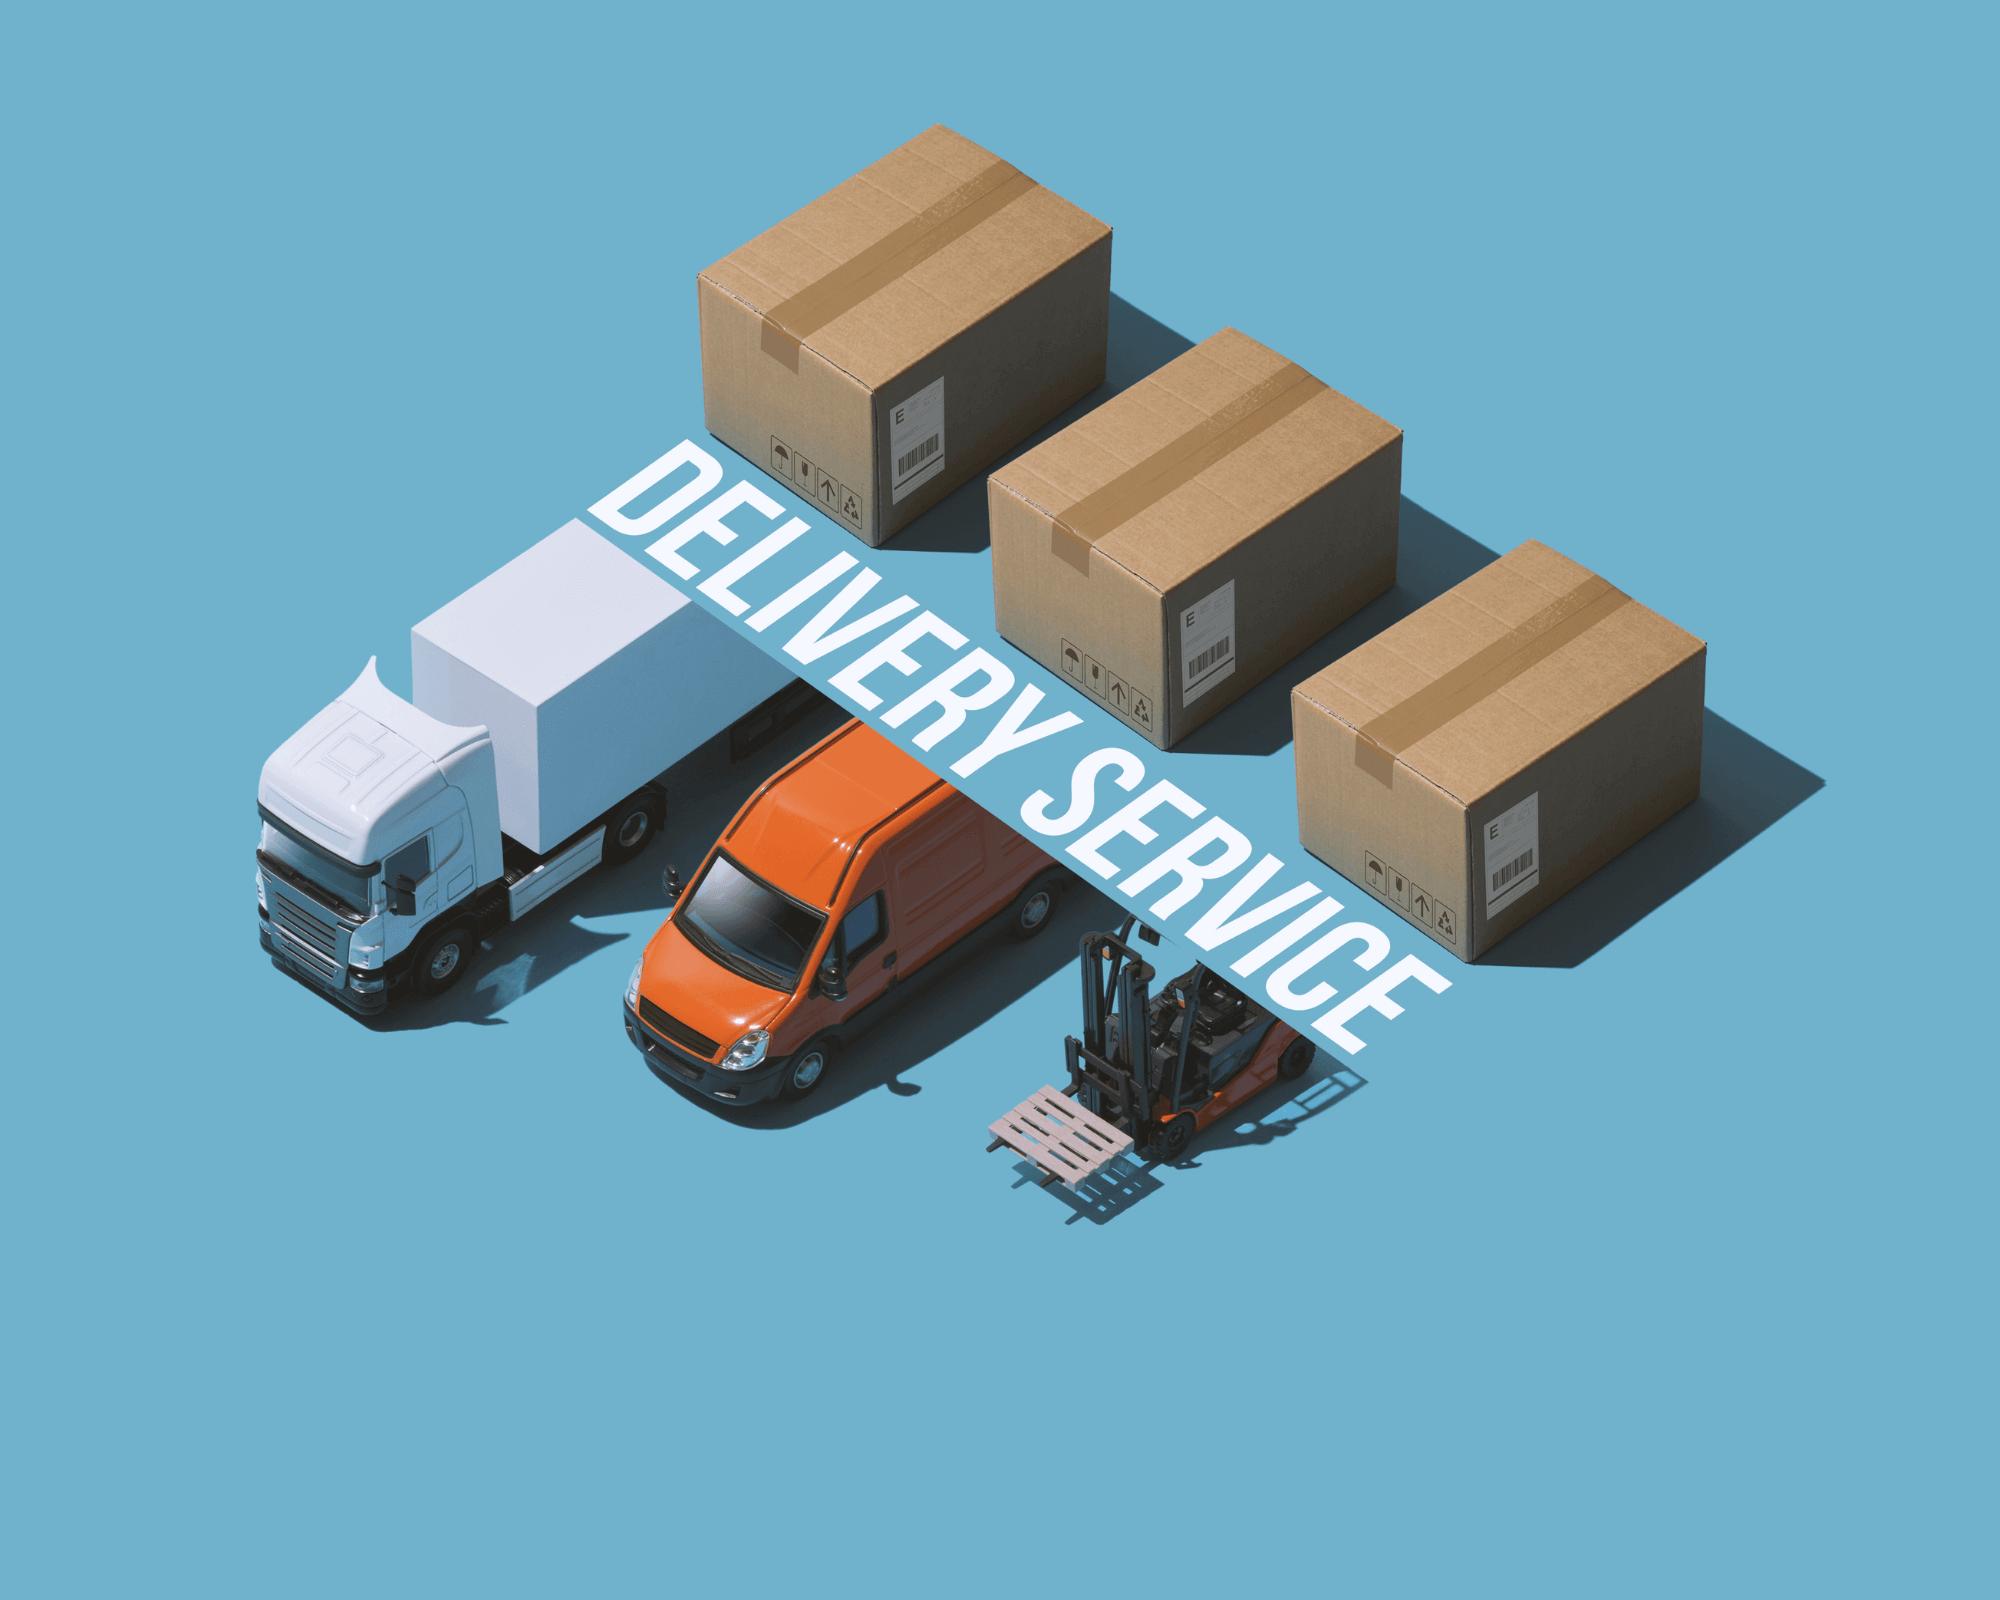 Varios medios de transporte para realizar envíos internacionales